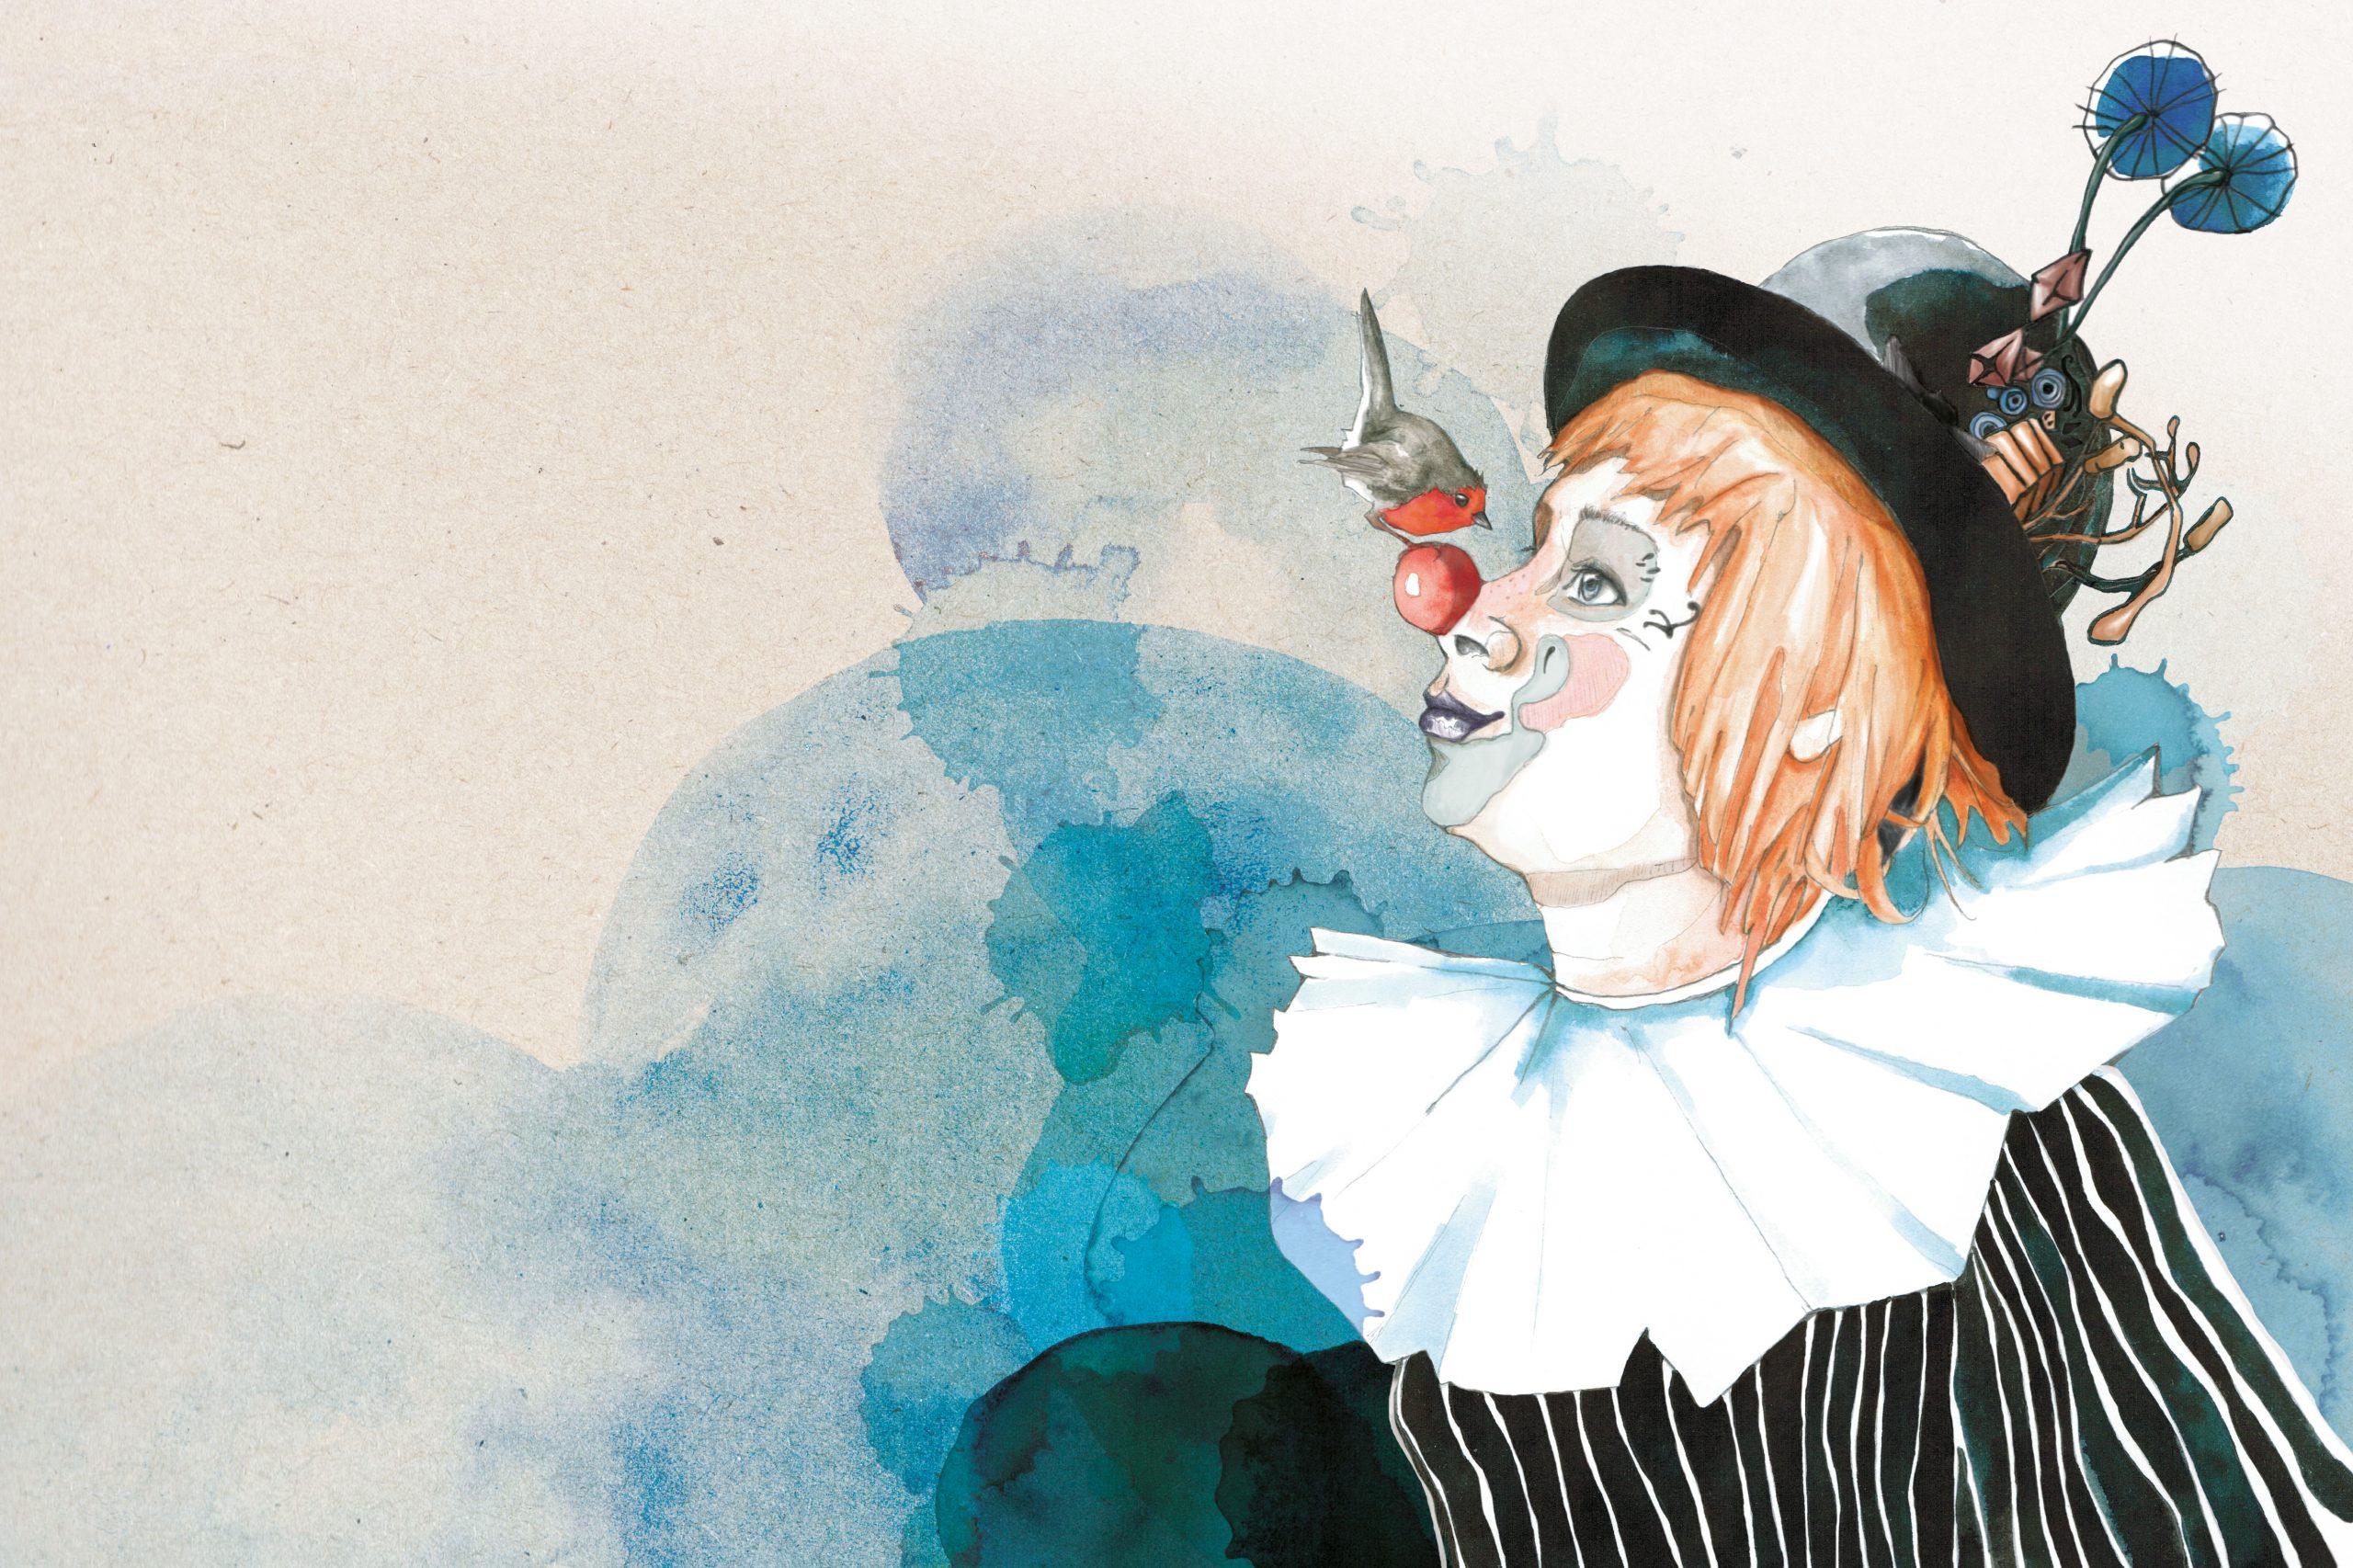 franziska_schneider_illustration_rotkehlchen_clown